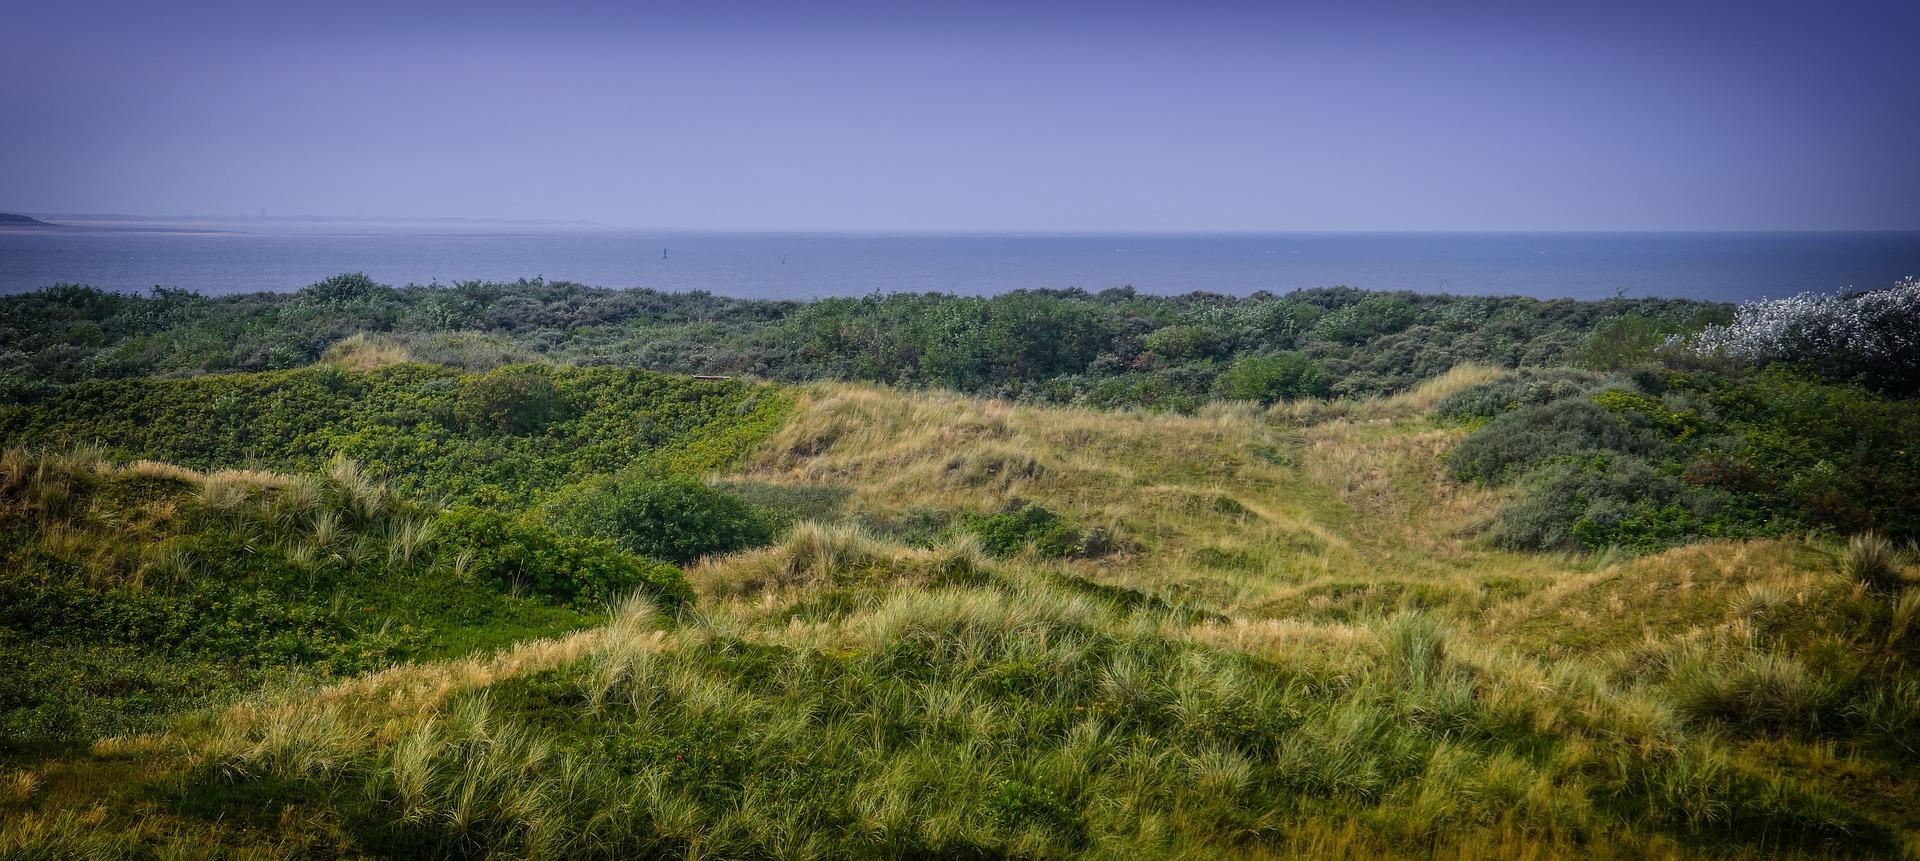 Aussicht Pirolertal auf Nordseeinsel Langeoog